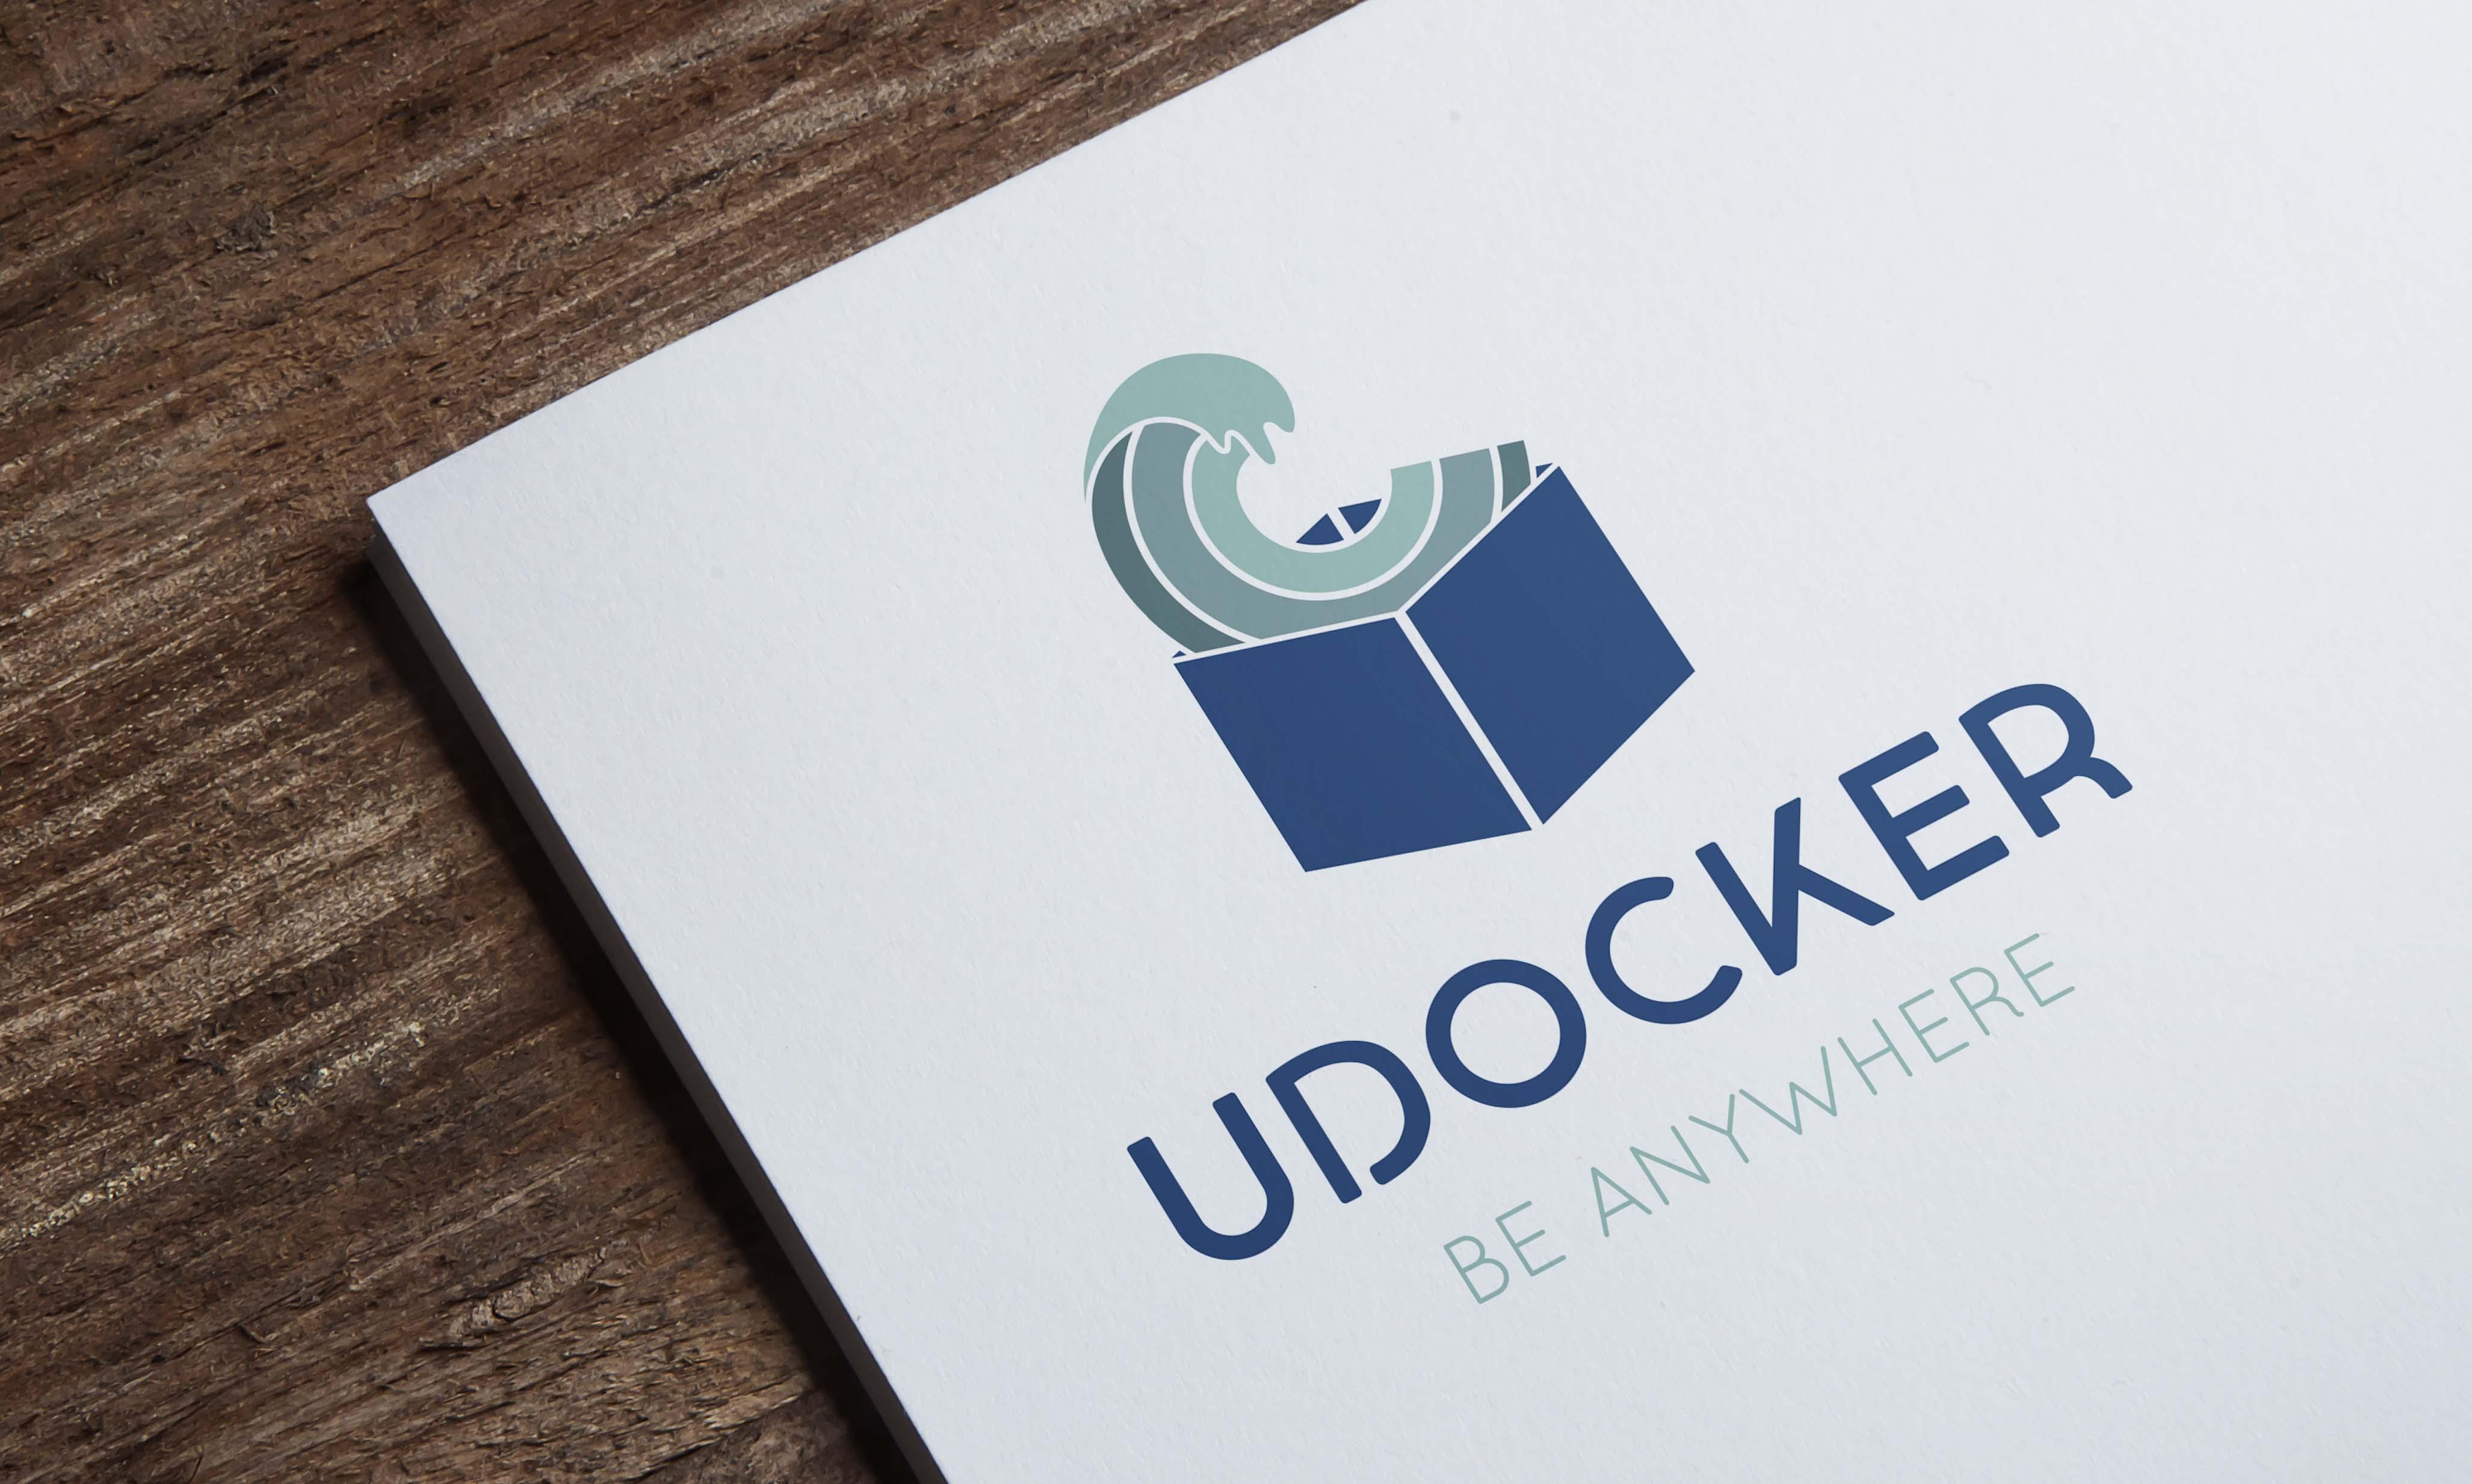 Udocker -